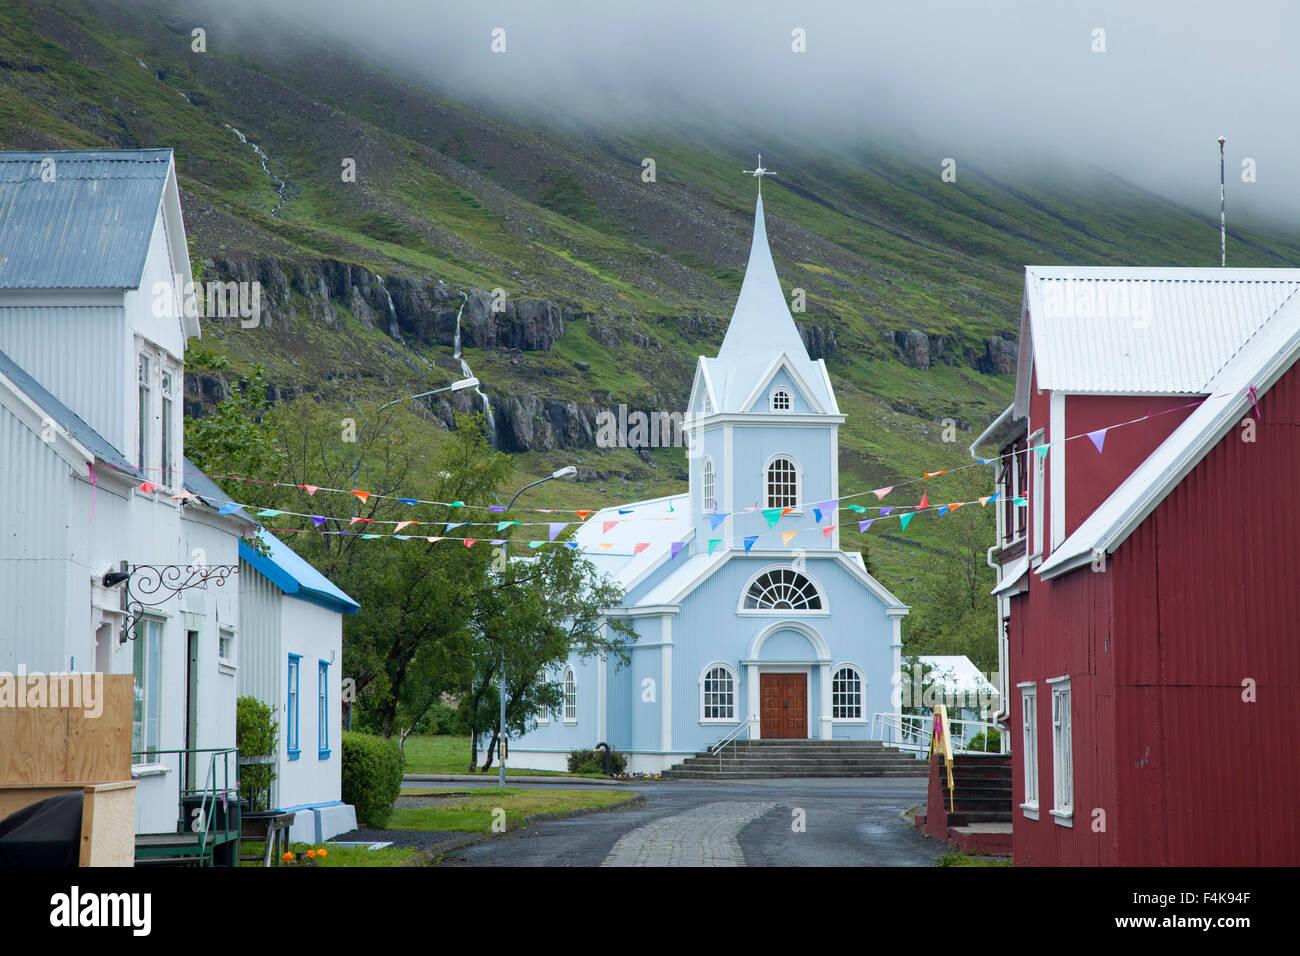 Chiesa tradizionale nel villaggio di Seyðisfjörður Affitto, Austurland, Islanda. Immagini Stock